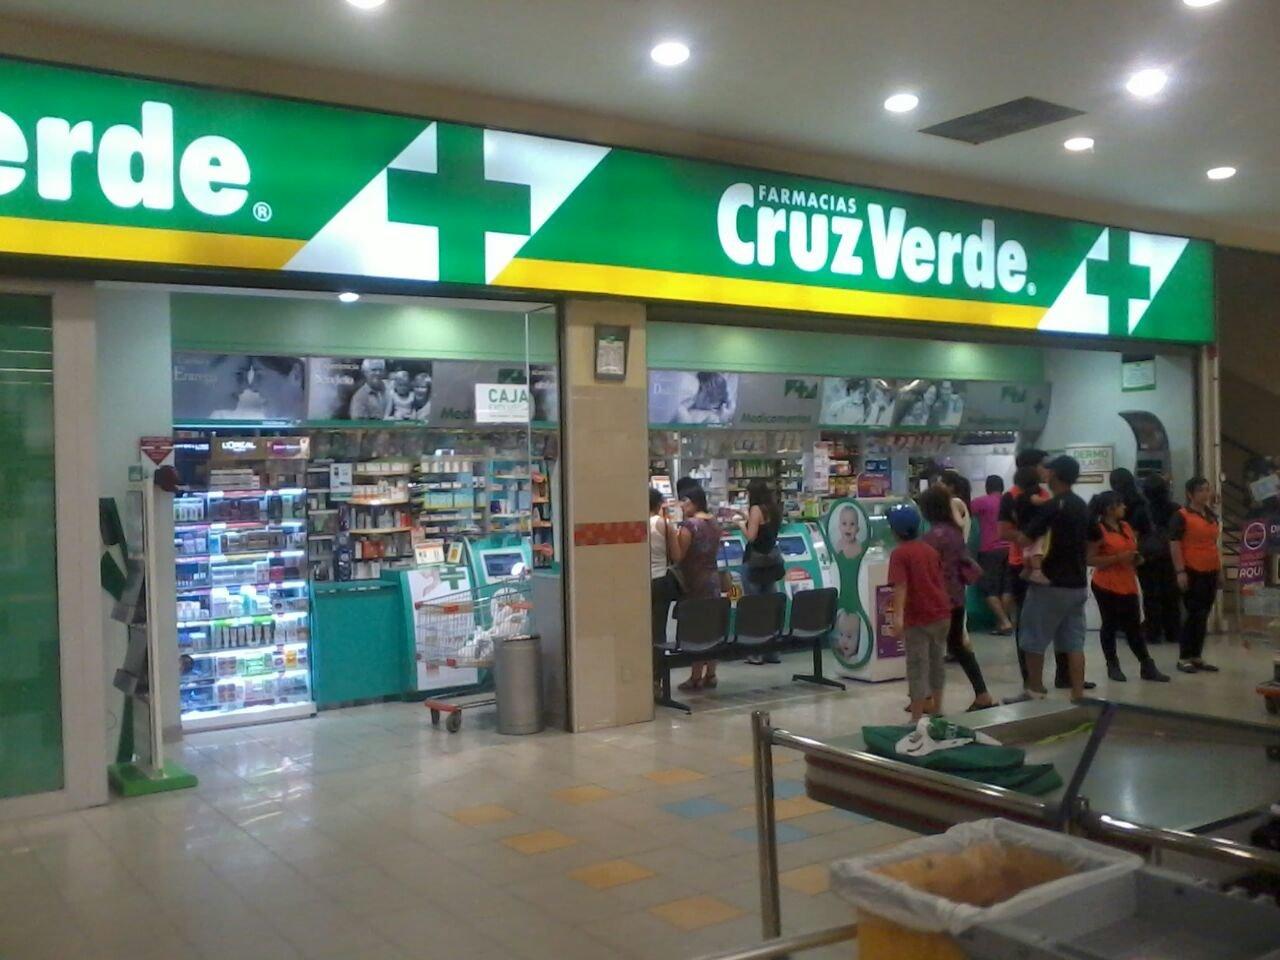 El conglomerado mexicano, que administra más de 13.000 tiendas entró al negocio de venta de medicamentos con la compra de de farmacias YZA